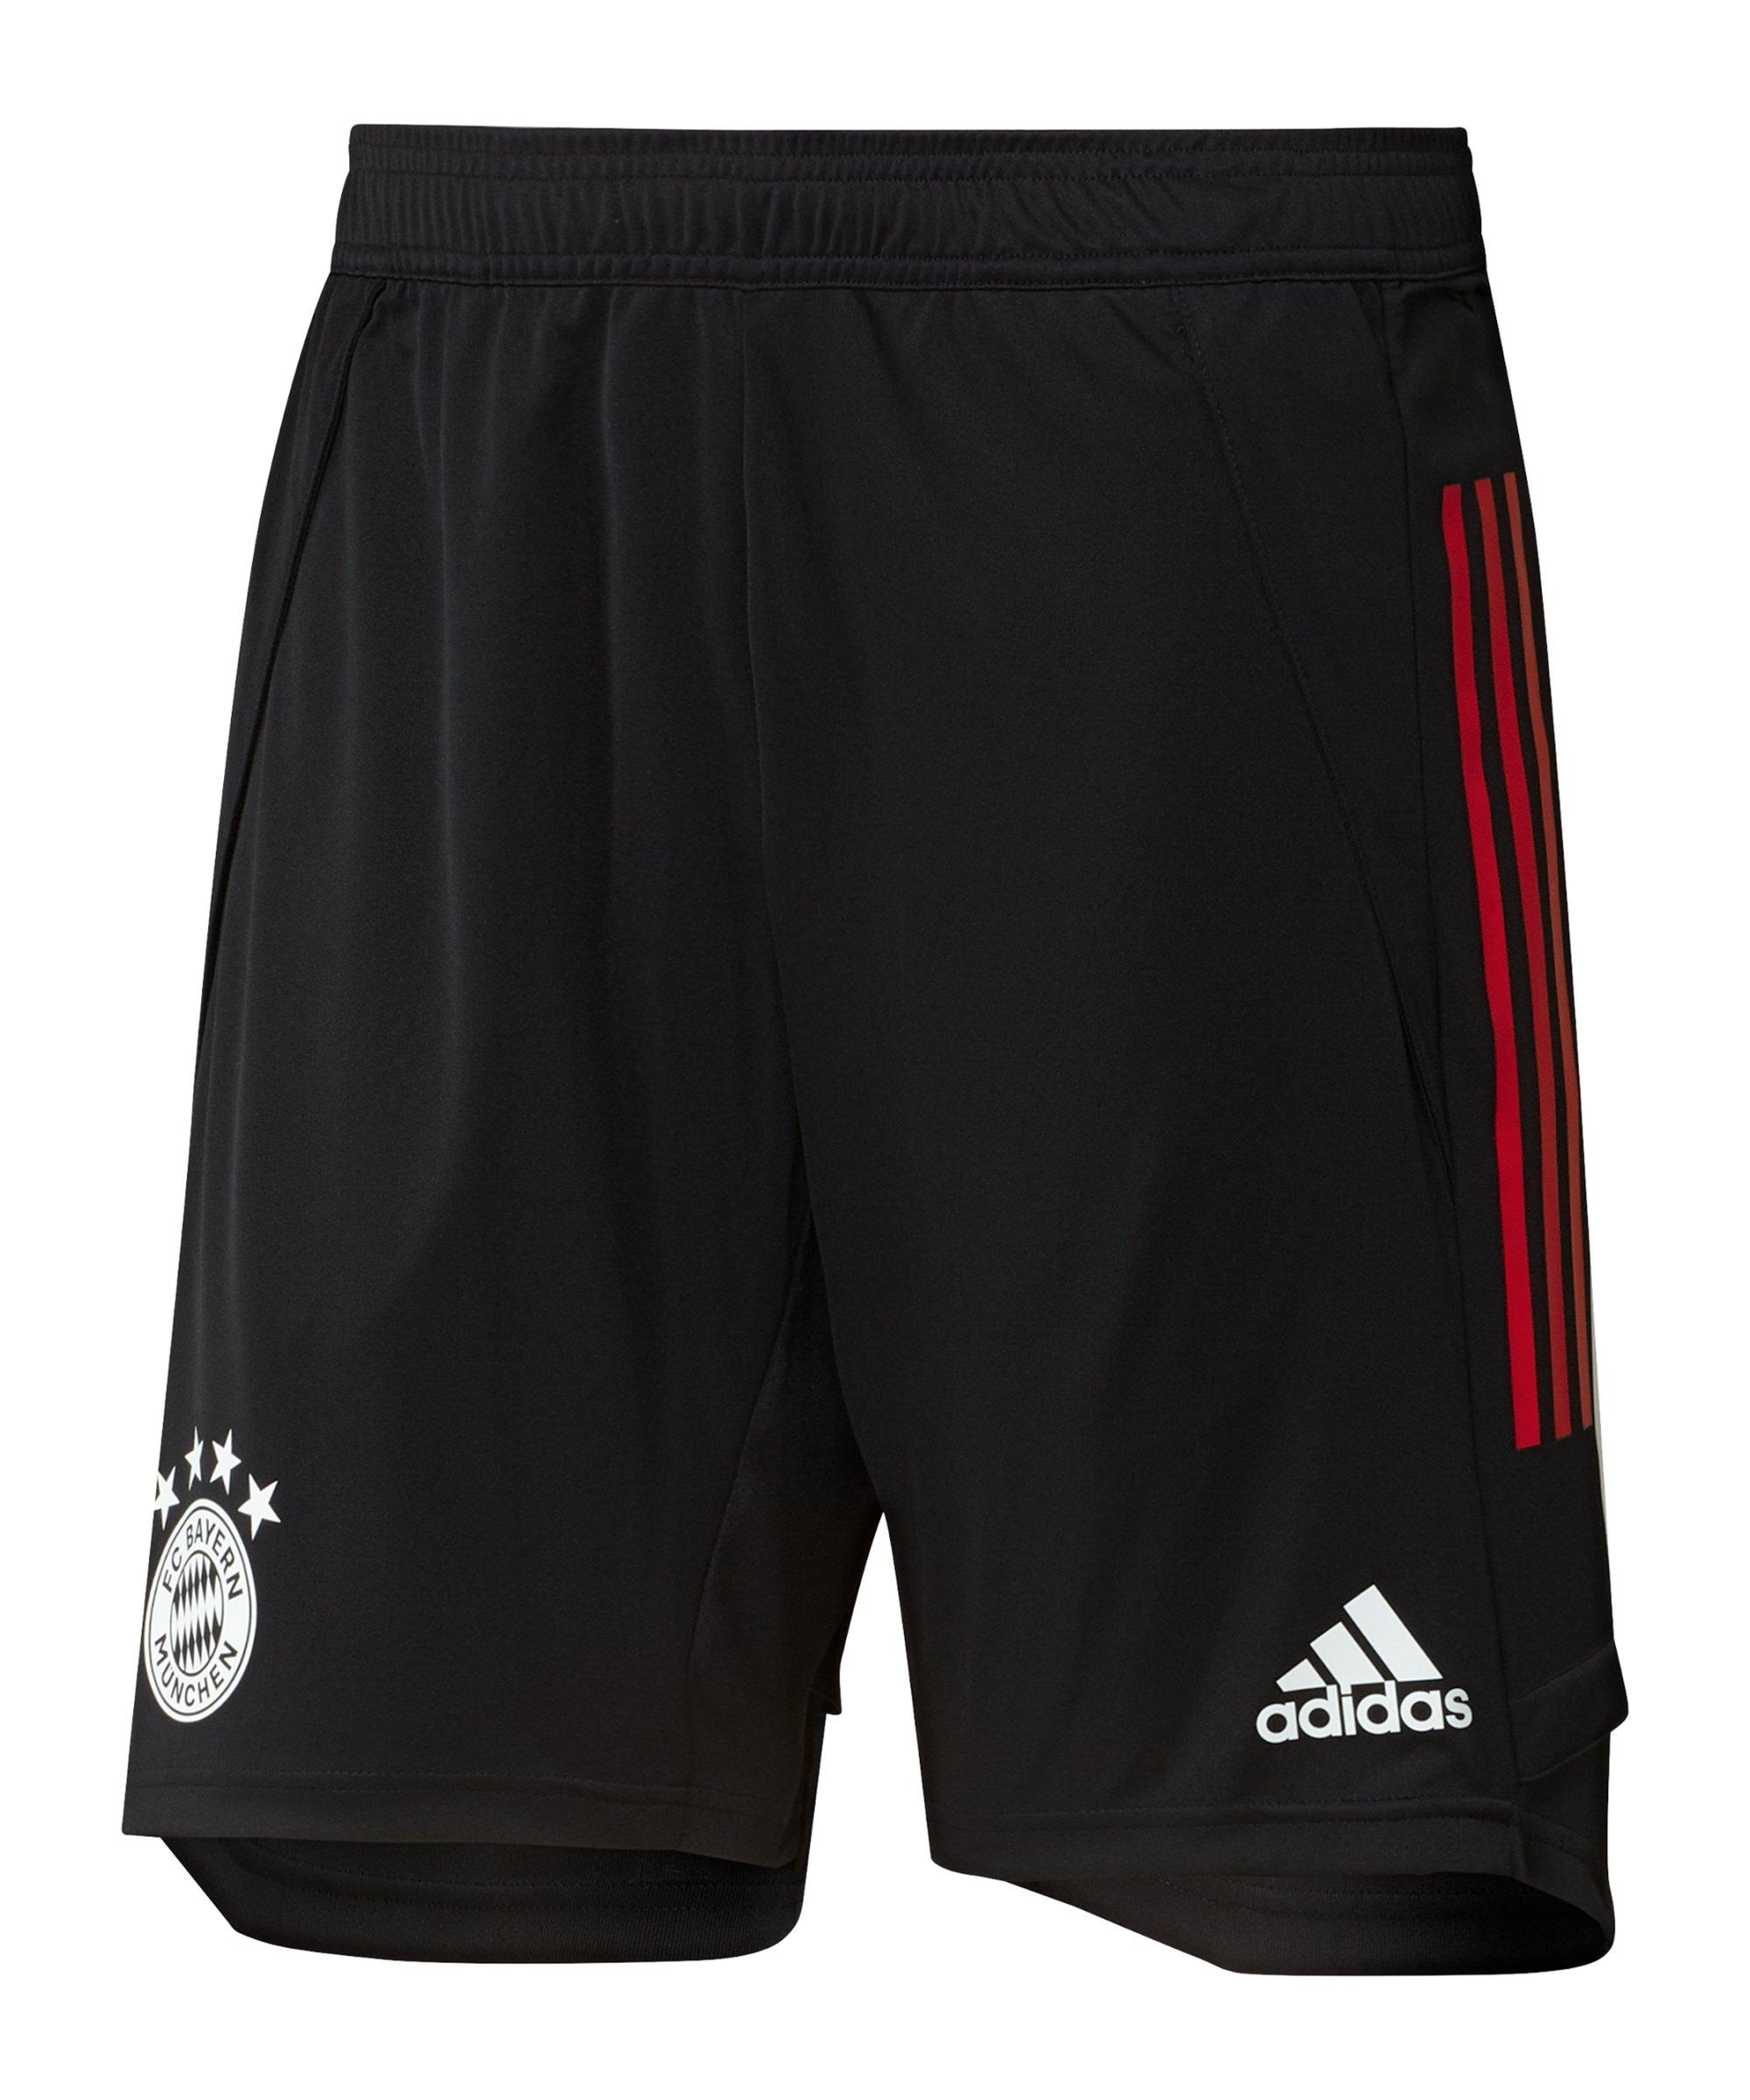 adidas FC Bayern München Trainingsshort Schwarz - schwarz